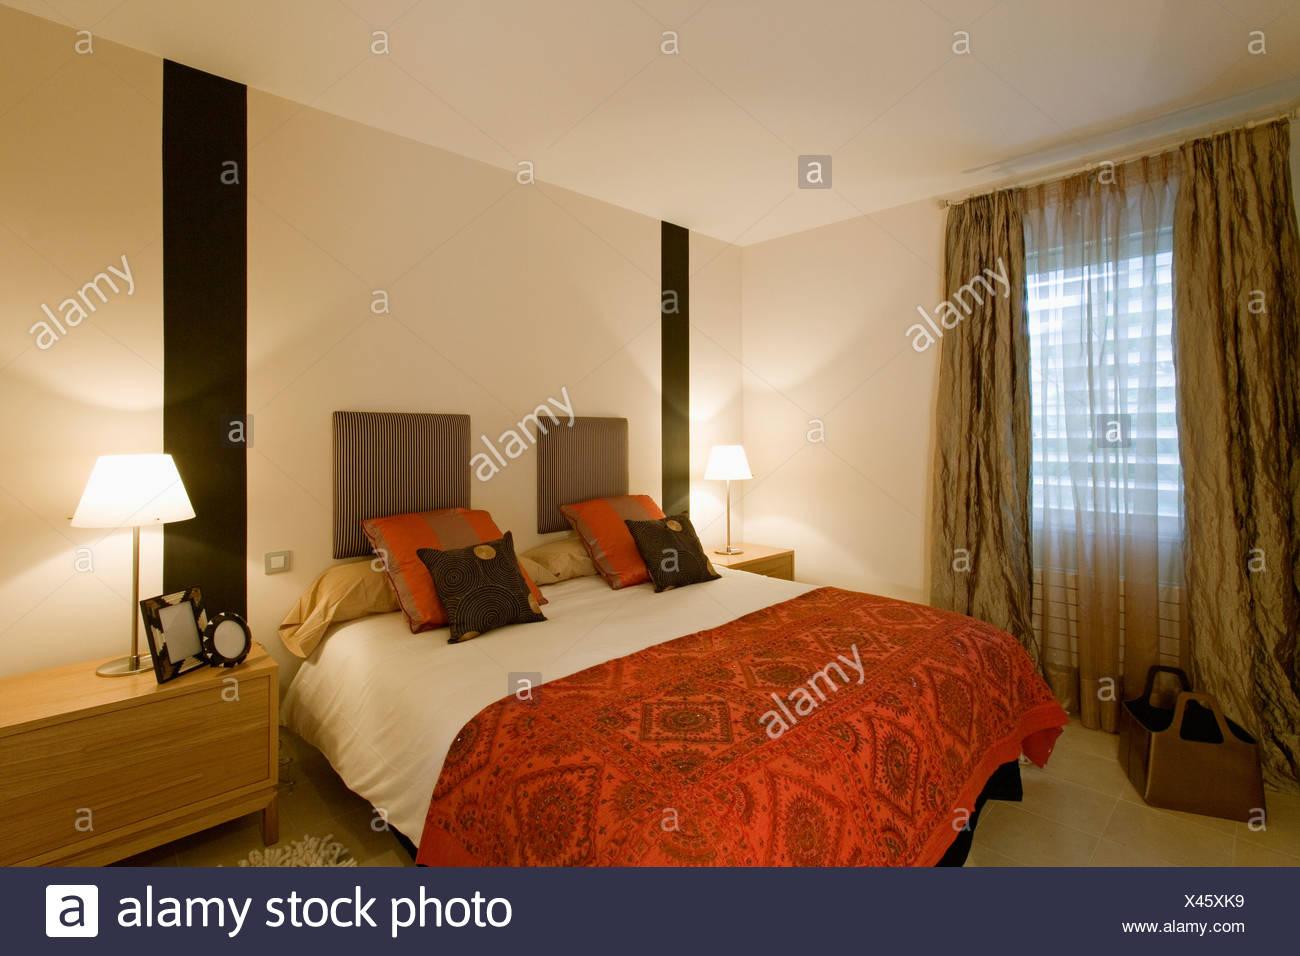 Pareti Camera Da Letto Rossa : Strisce nere sulla parete su entrambi i lati del letto con motivi